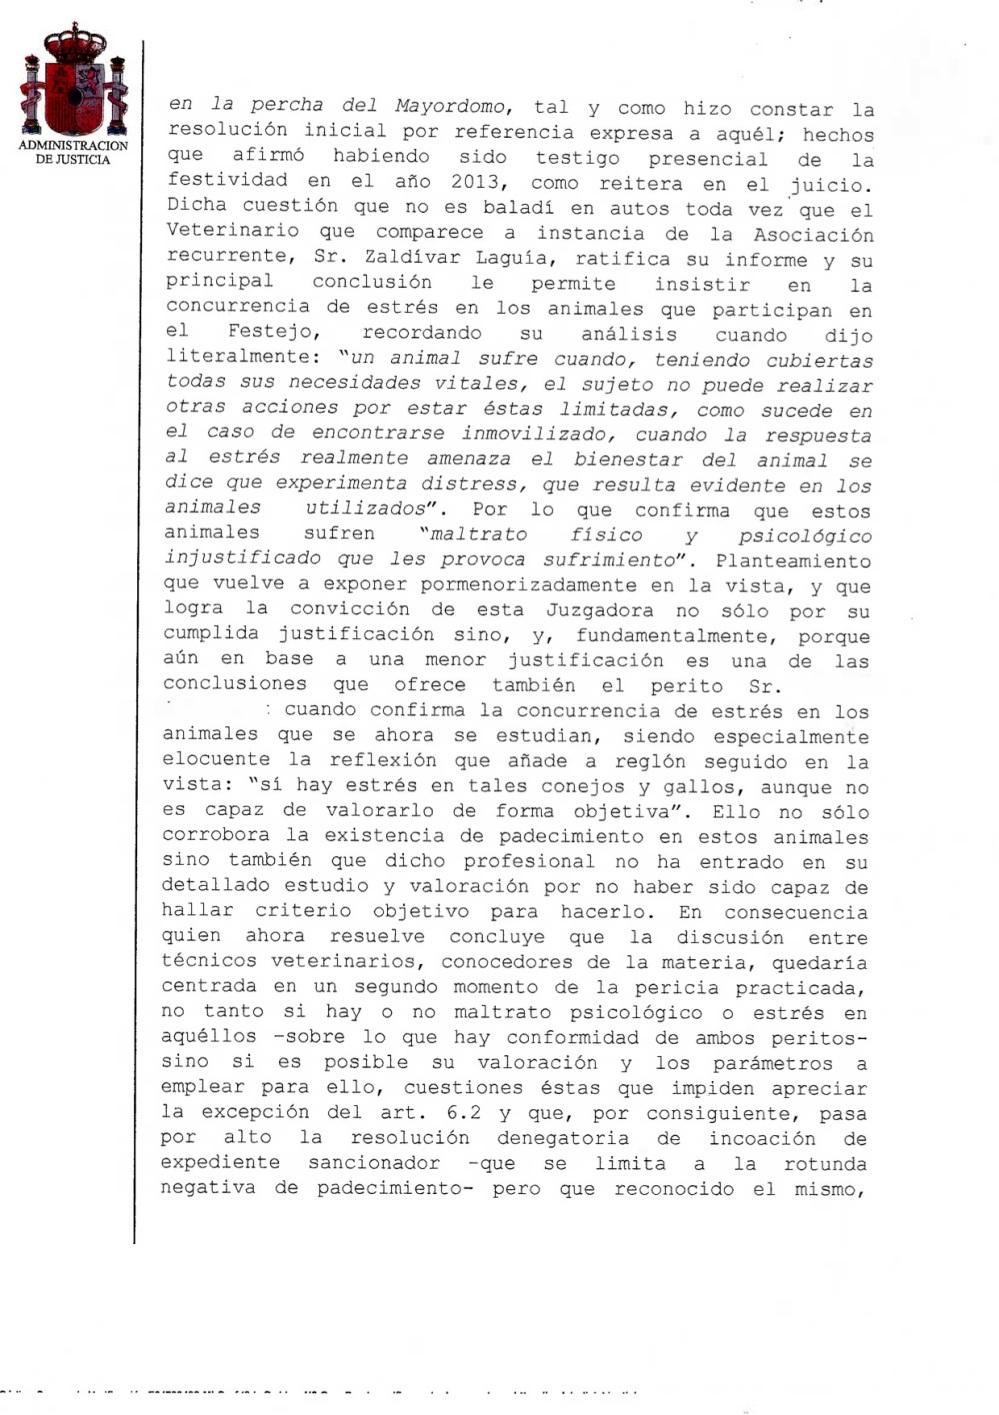 Sentencia 19-07-2017 8Escarrete (anon.)